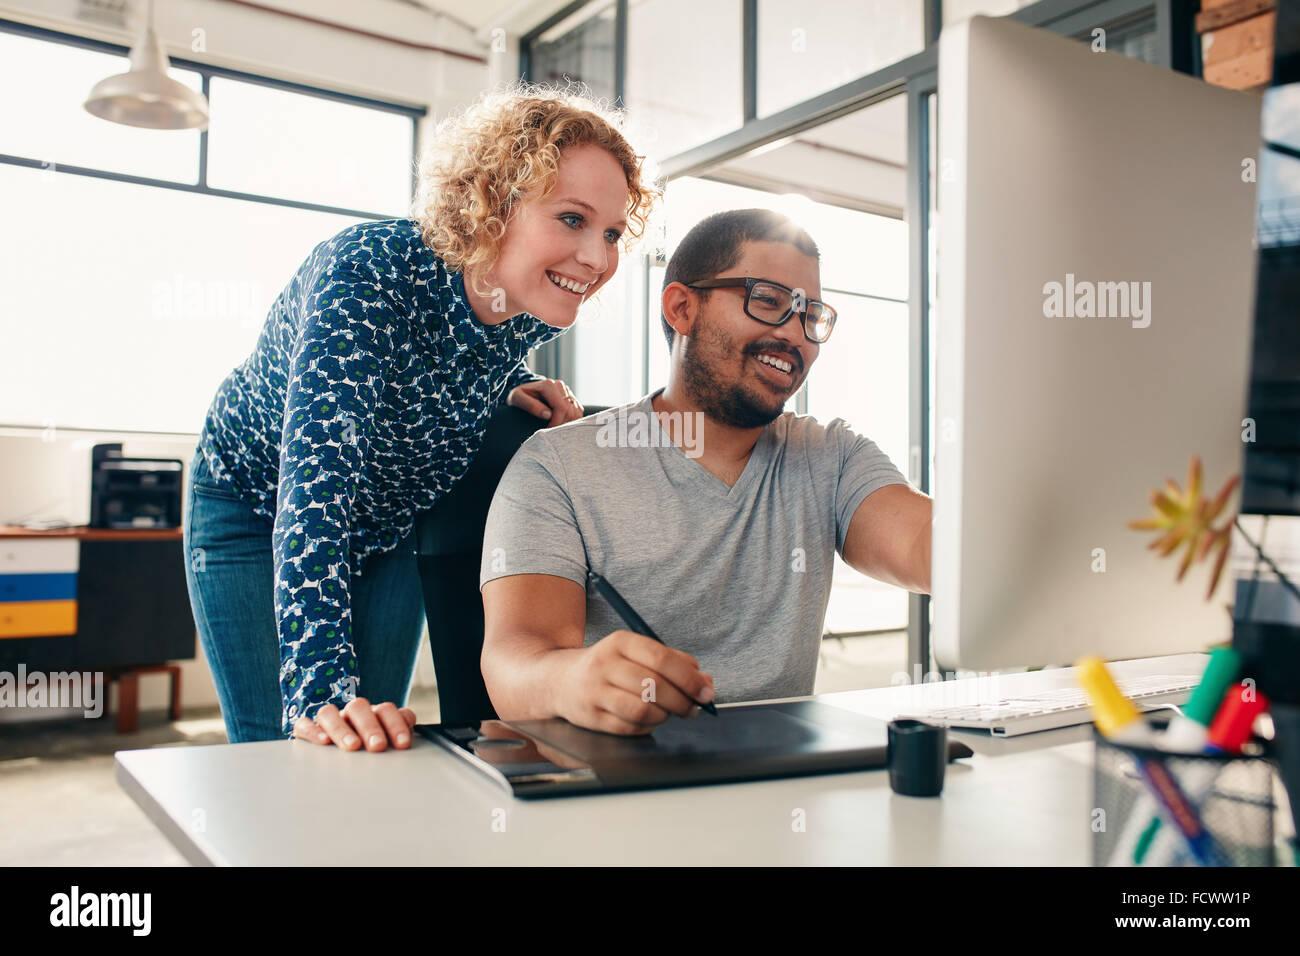 Dos jóvenes diseñadores masculinos y femeninos trabajando juntos, con el hombre edición de ilustraciones Imagen De Stock